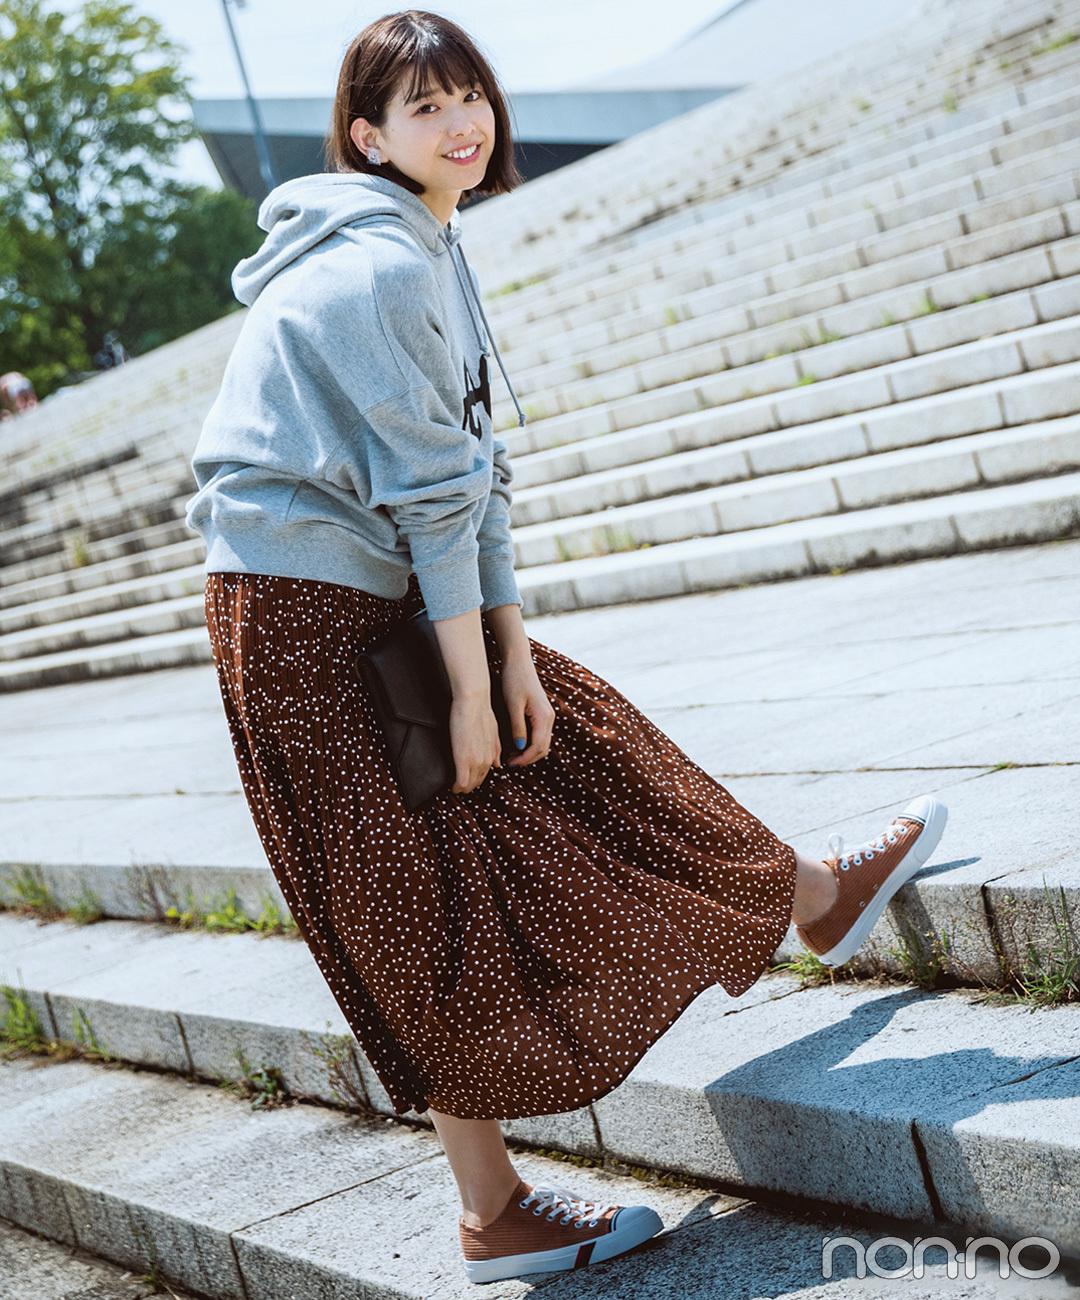 【ブラウンスニーカーコーデ】渡邉理佐は、ロングスカートとスニーカーのリンクコーデで技あり